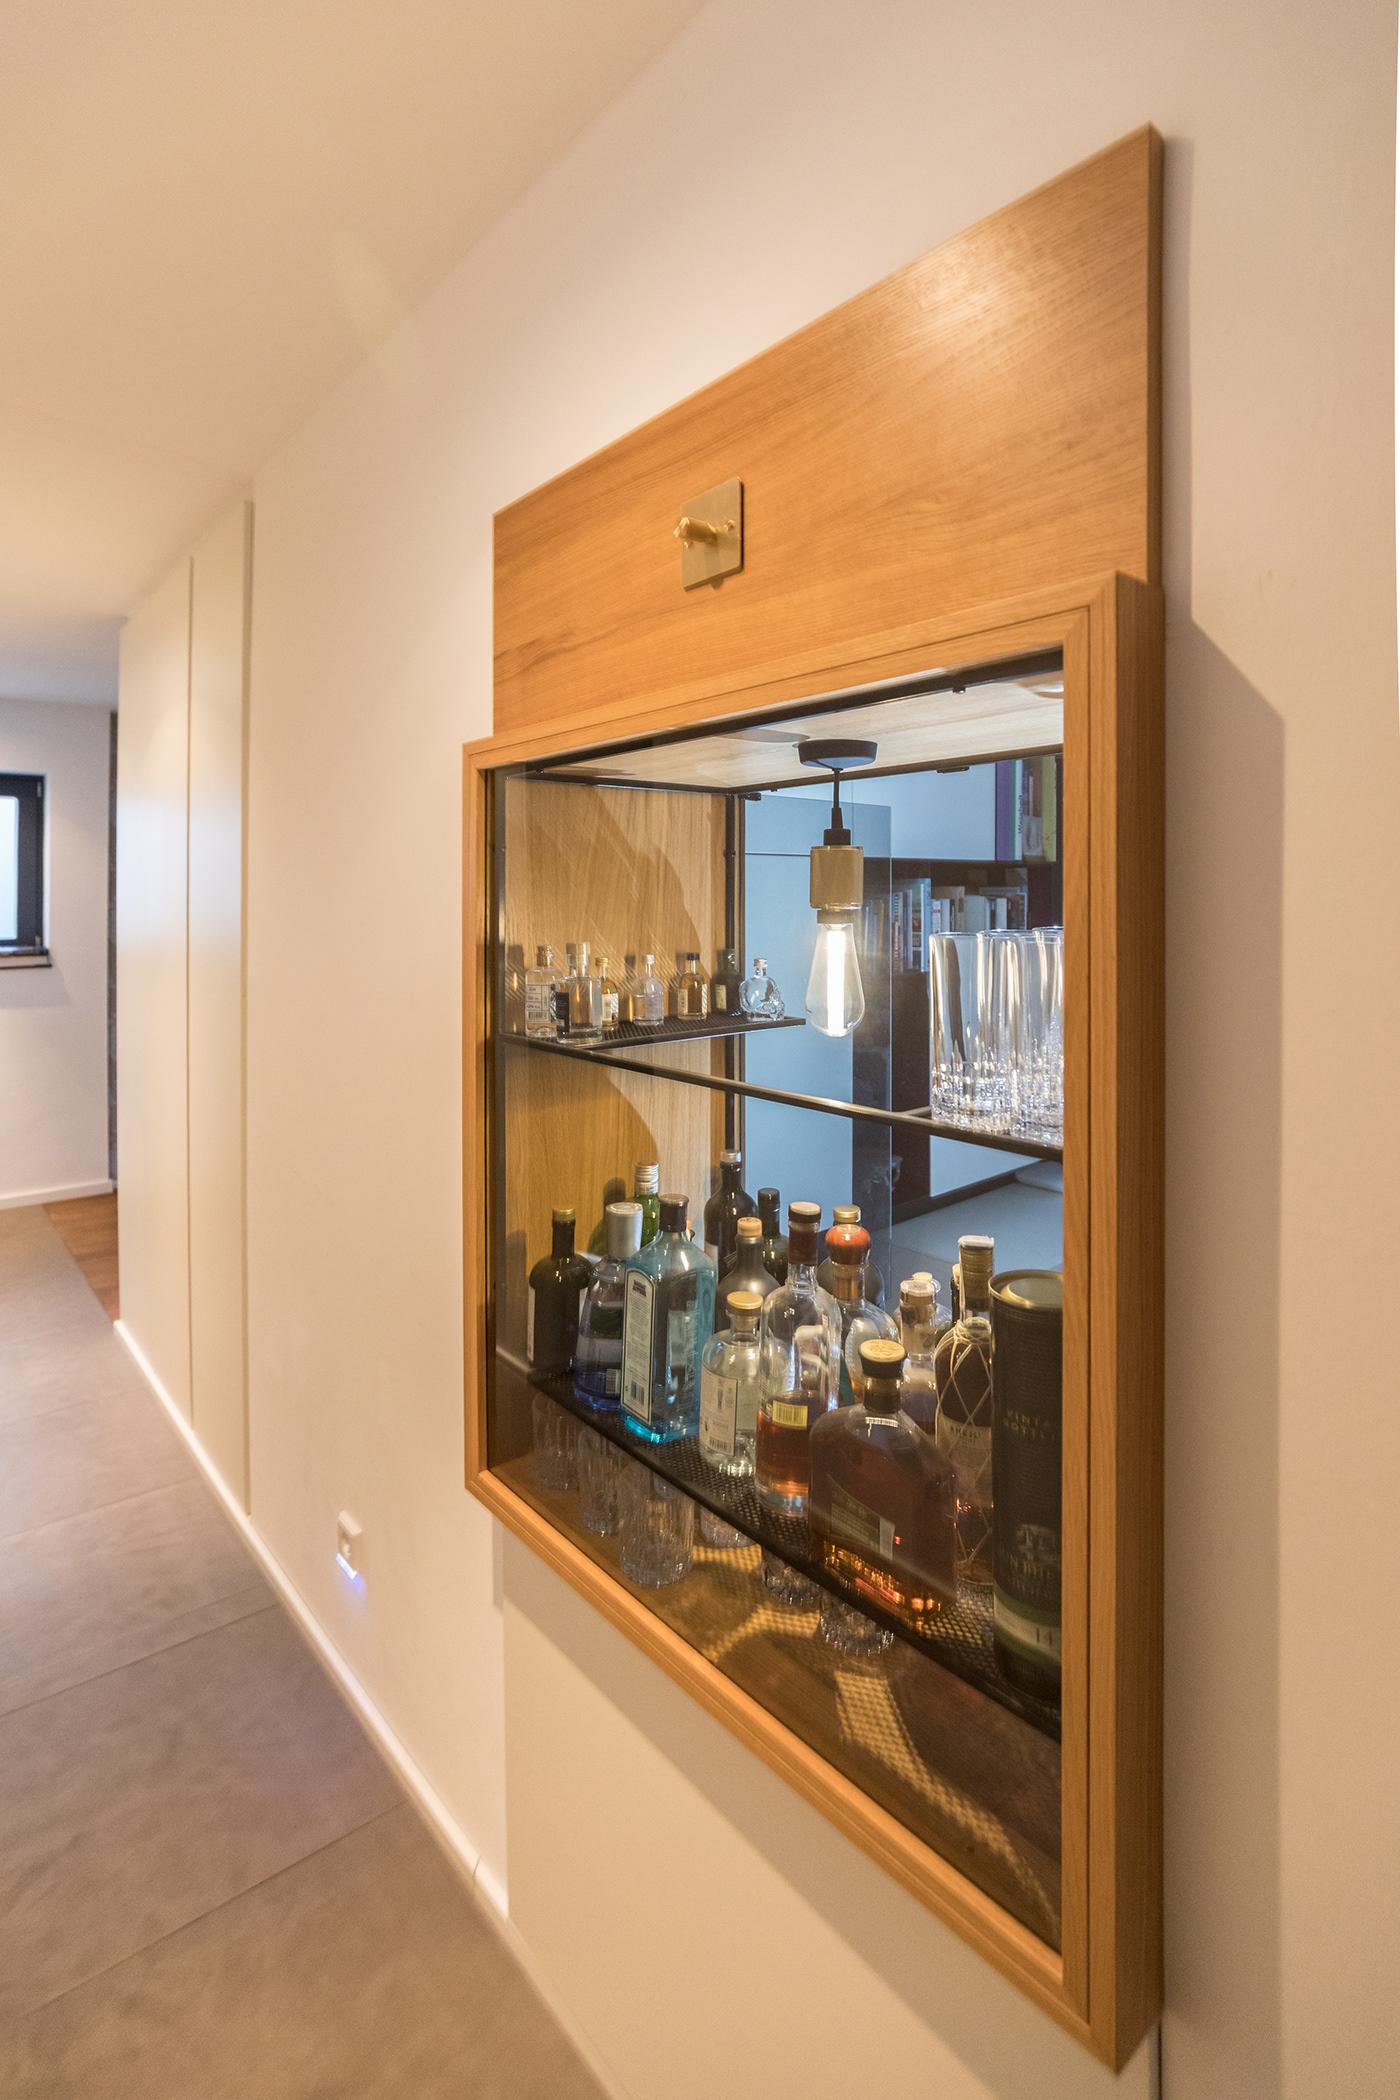 architektur bar design furniture Innenarchitektur Interior manufacture Möbelbau Produktdesign